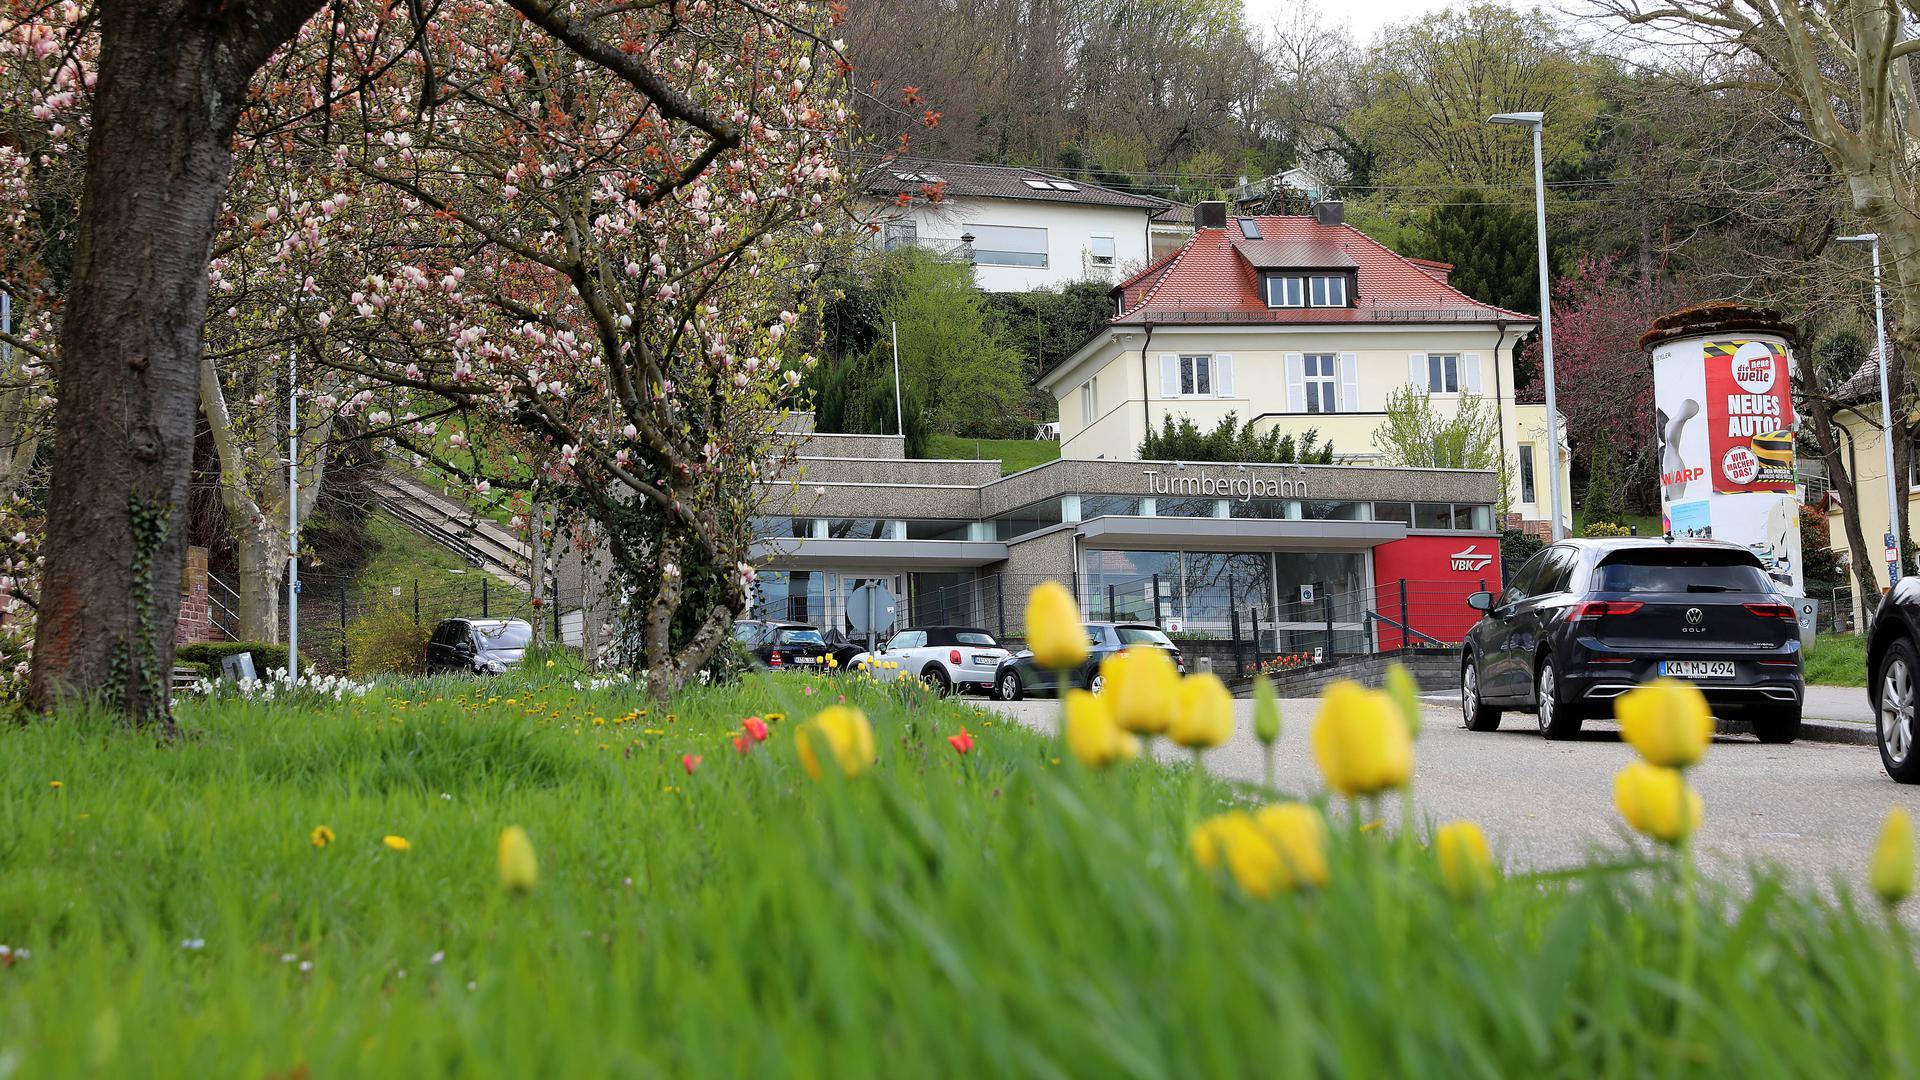 15.04.2021 Verlängerung/Neubau der Turmbergbahn Durlach